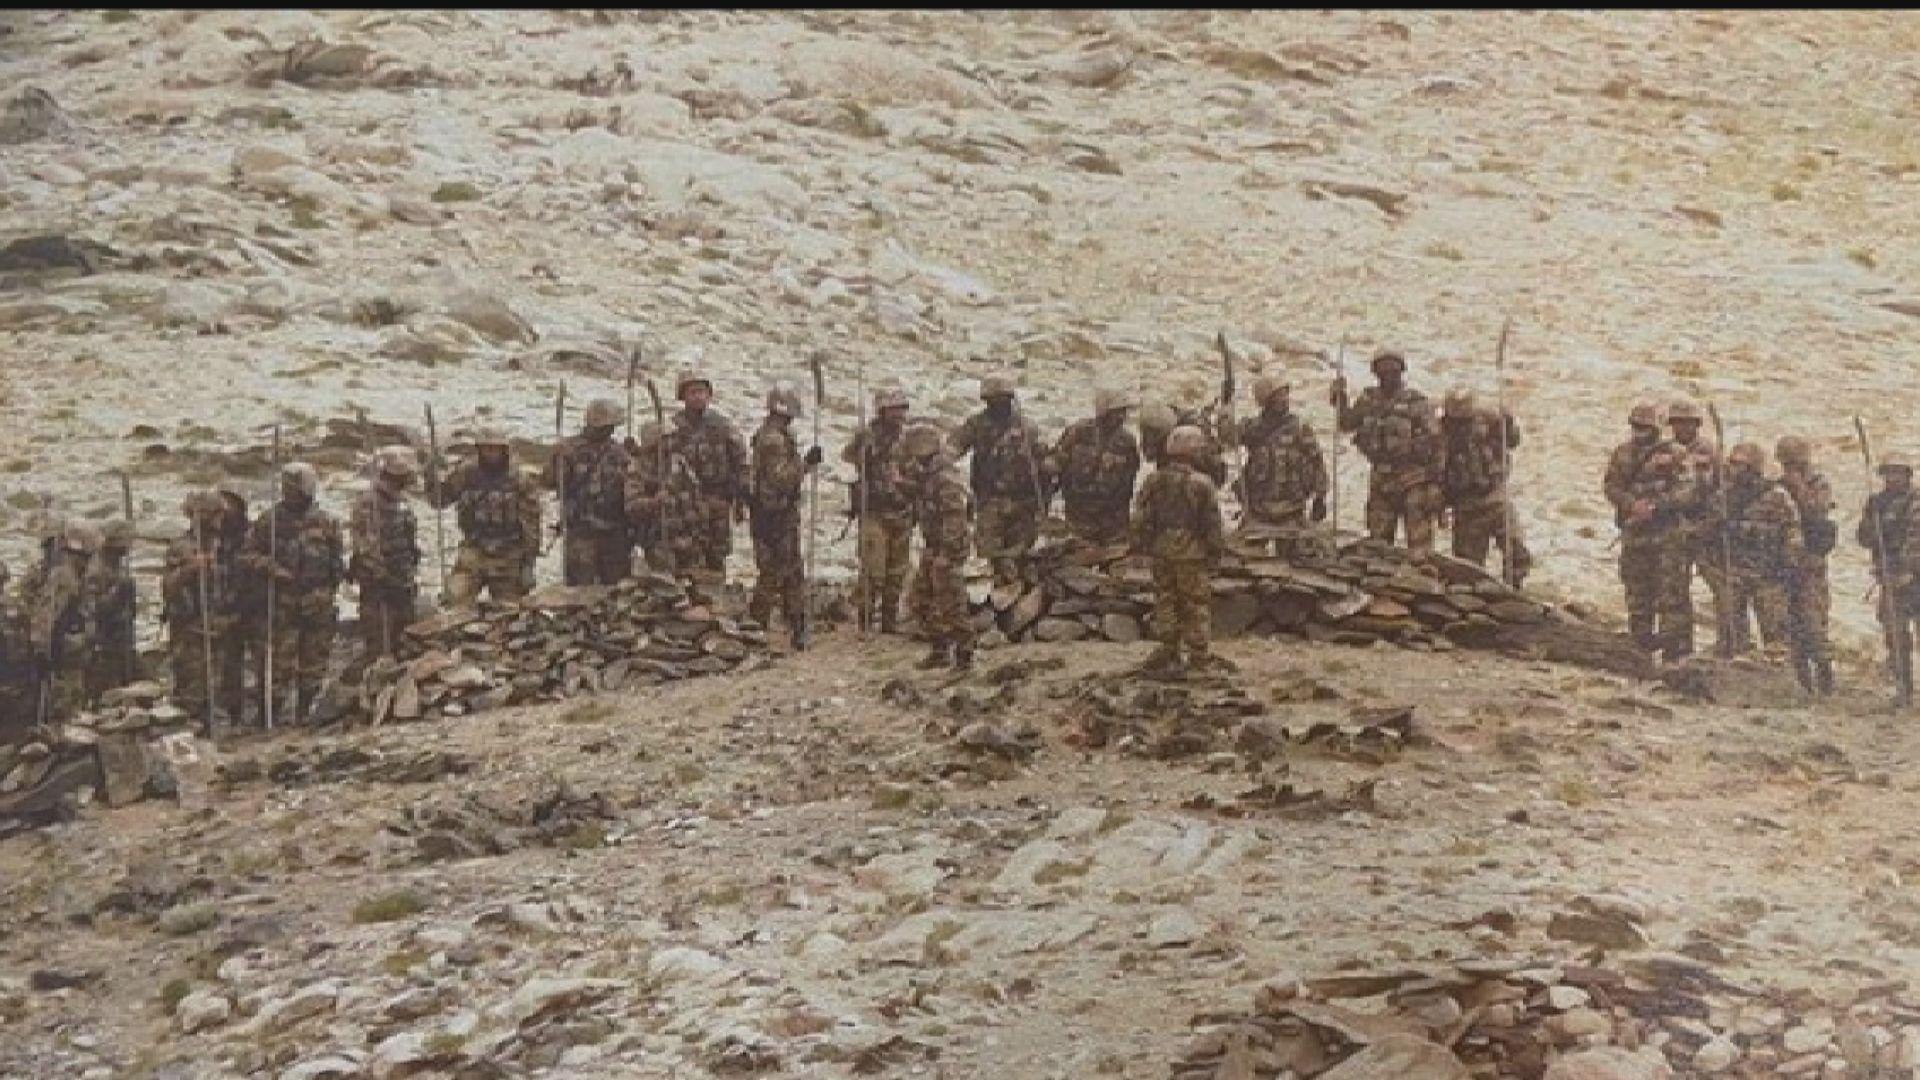 印度傳媒指解放軍意圖發動類似六月中近身流血衝突